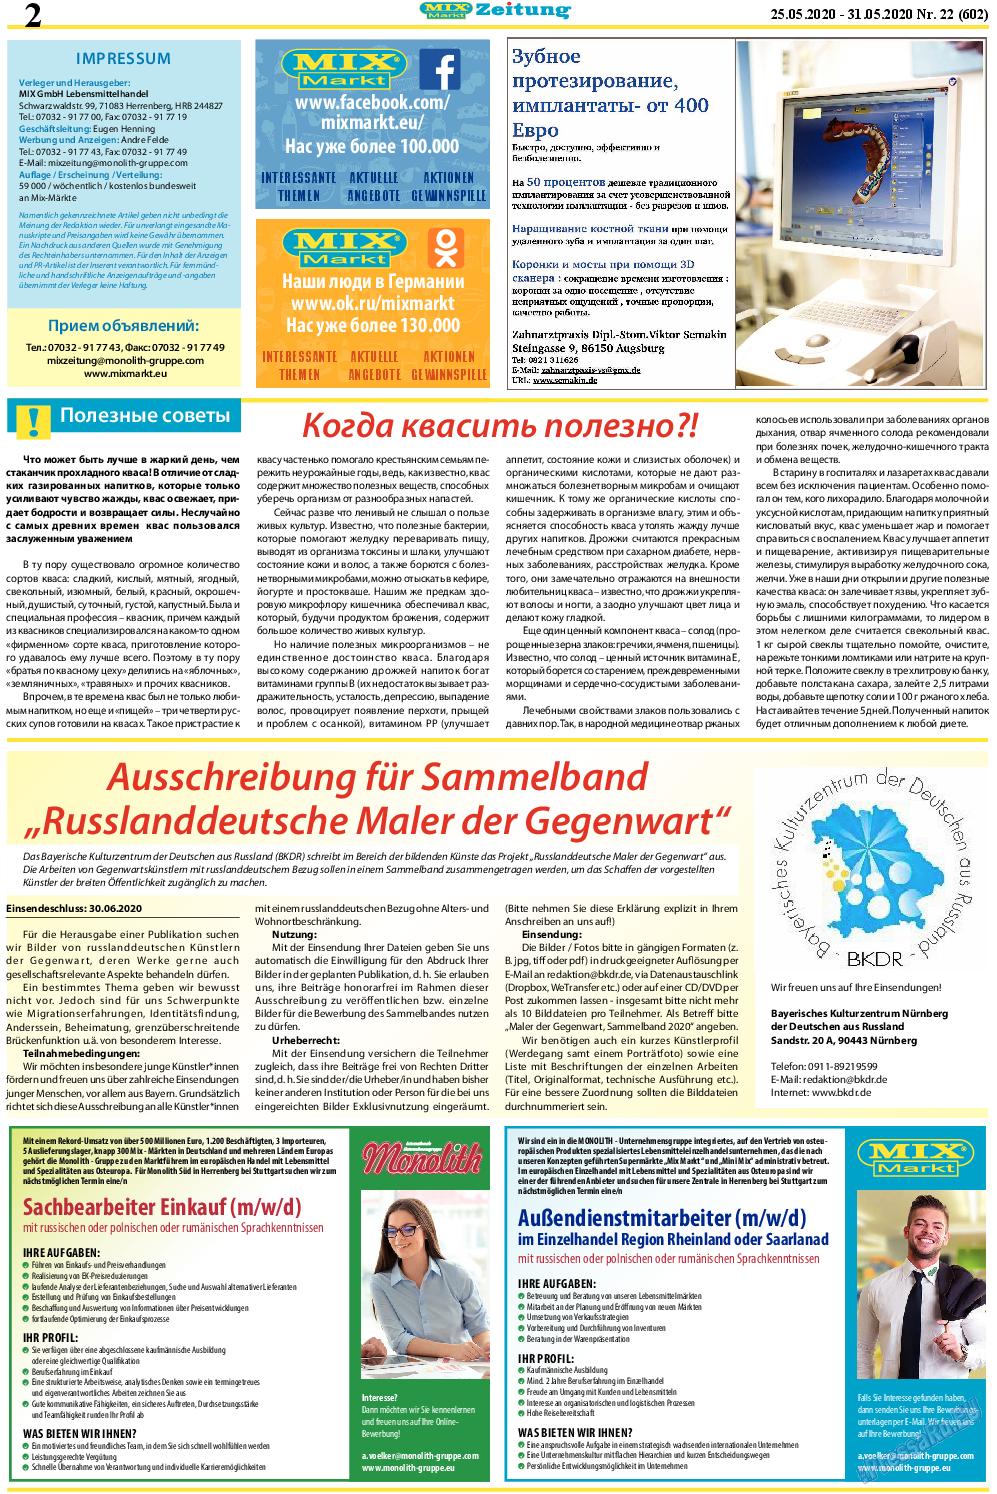 MIX-Markt Zeitung (газета). 2020 год, номер 22, стр. 2